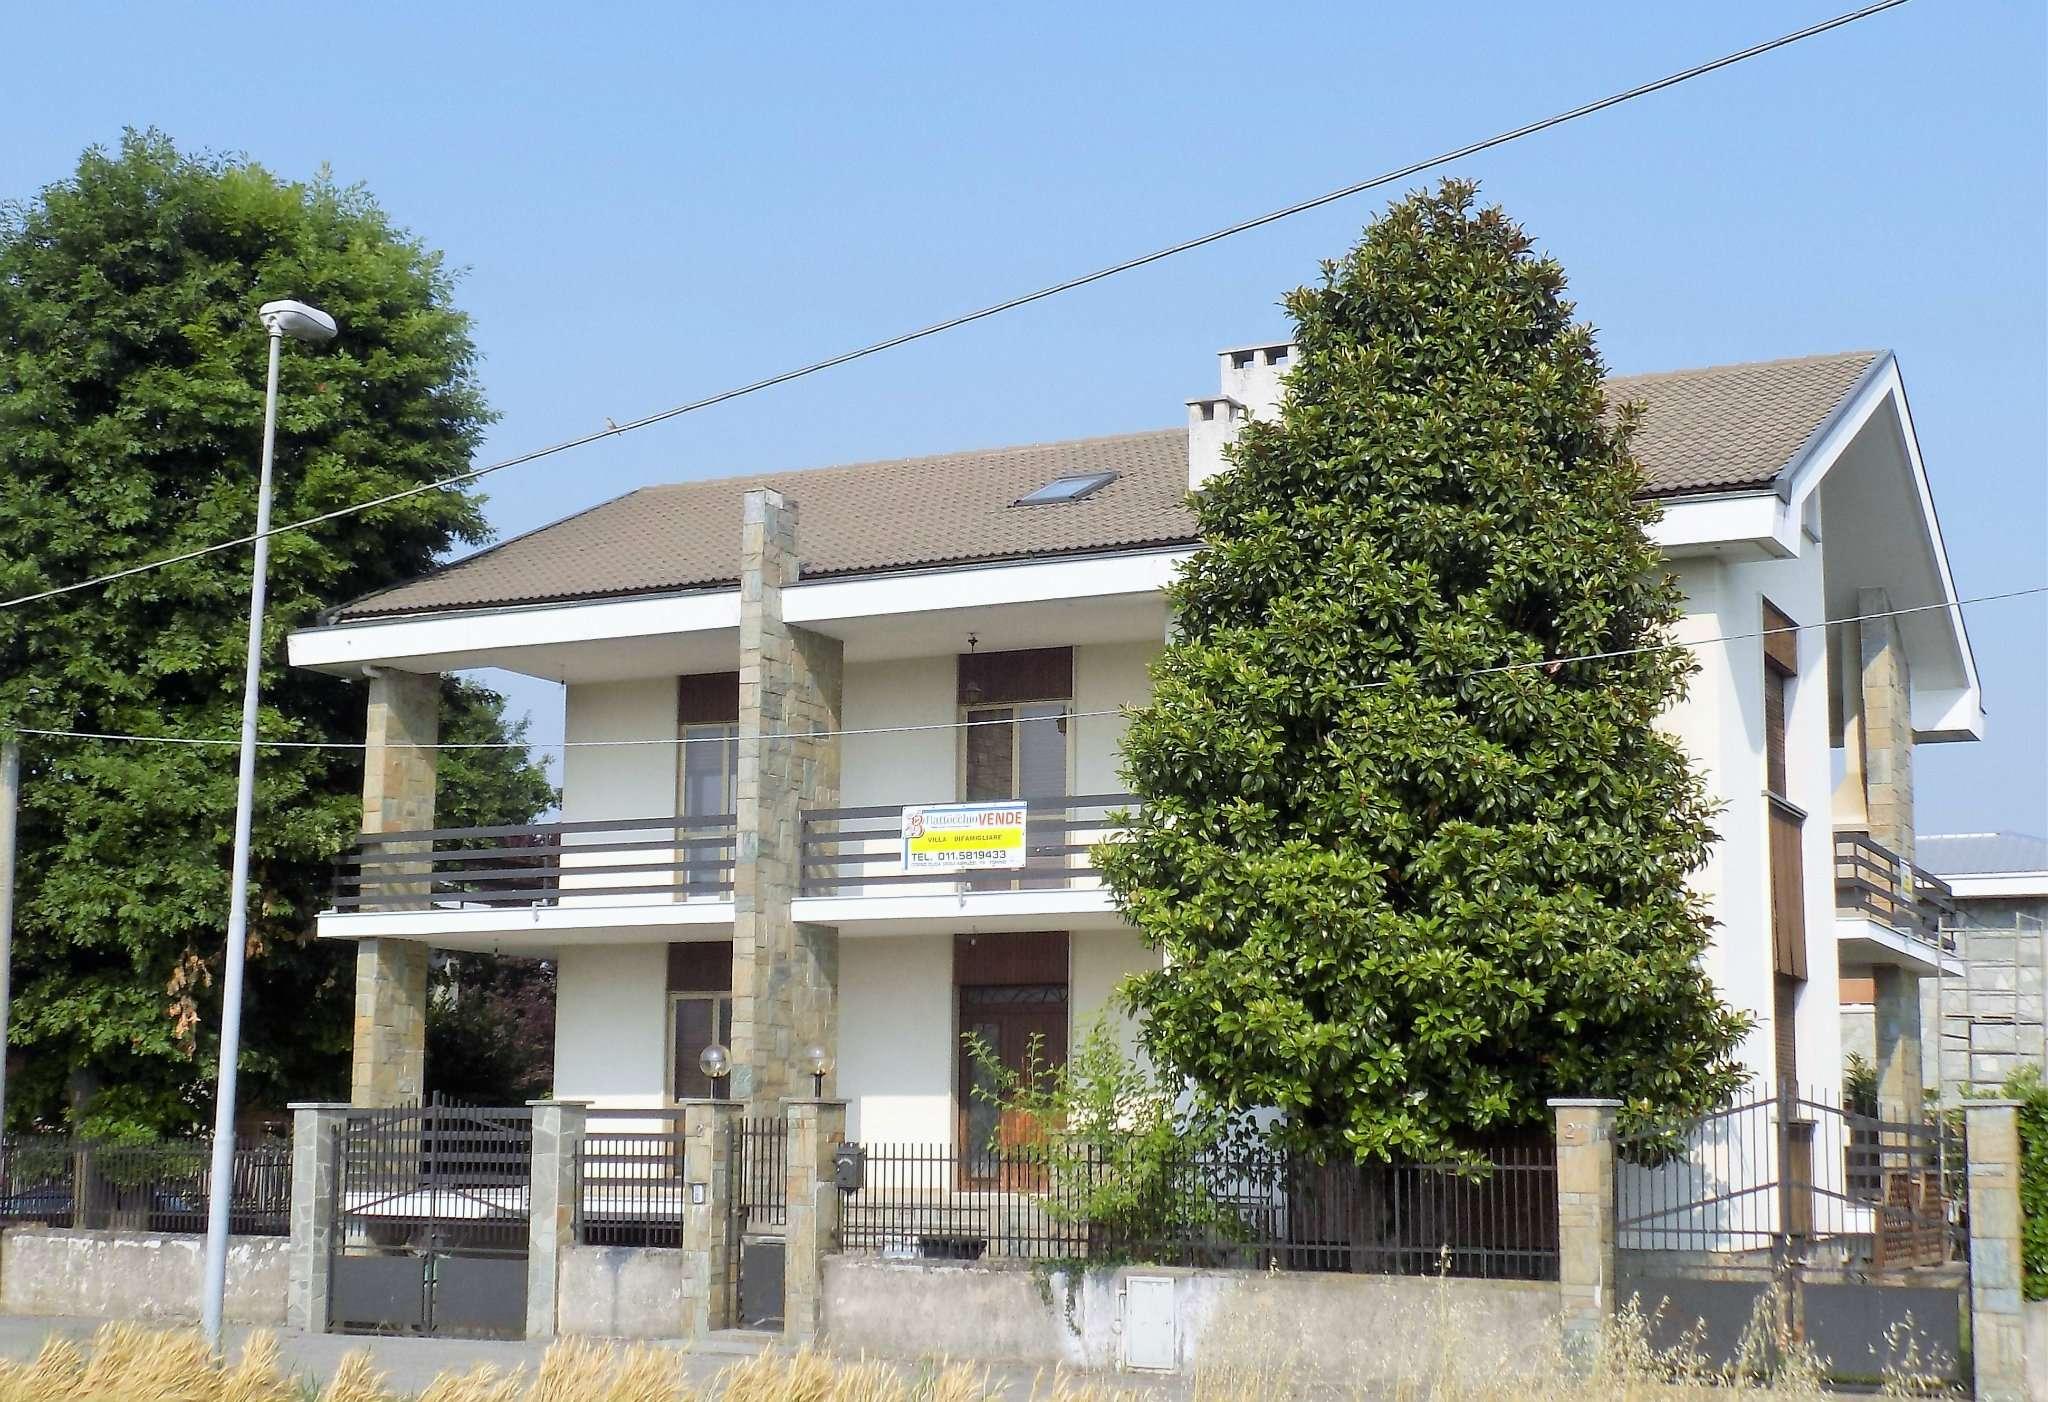 Soluzione Indipendente in vendita a Rivoli, 9999 locali, prezzo € 560.000 | CambioCasa.it